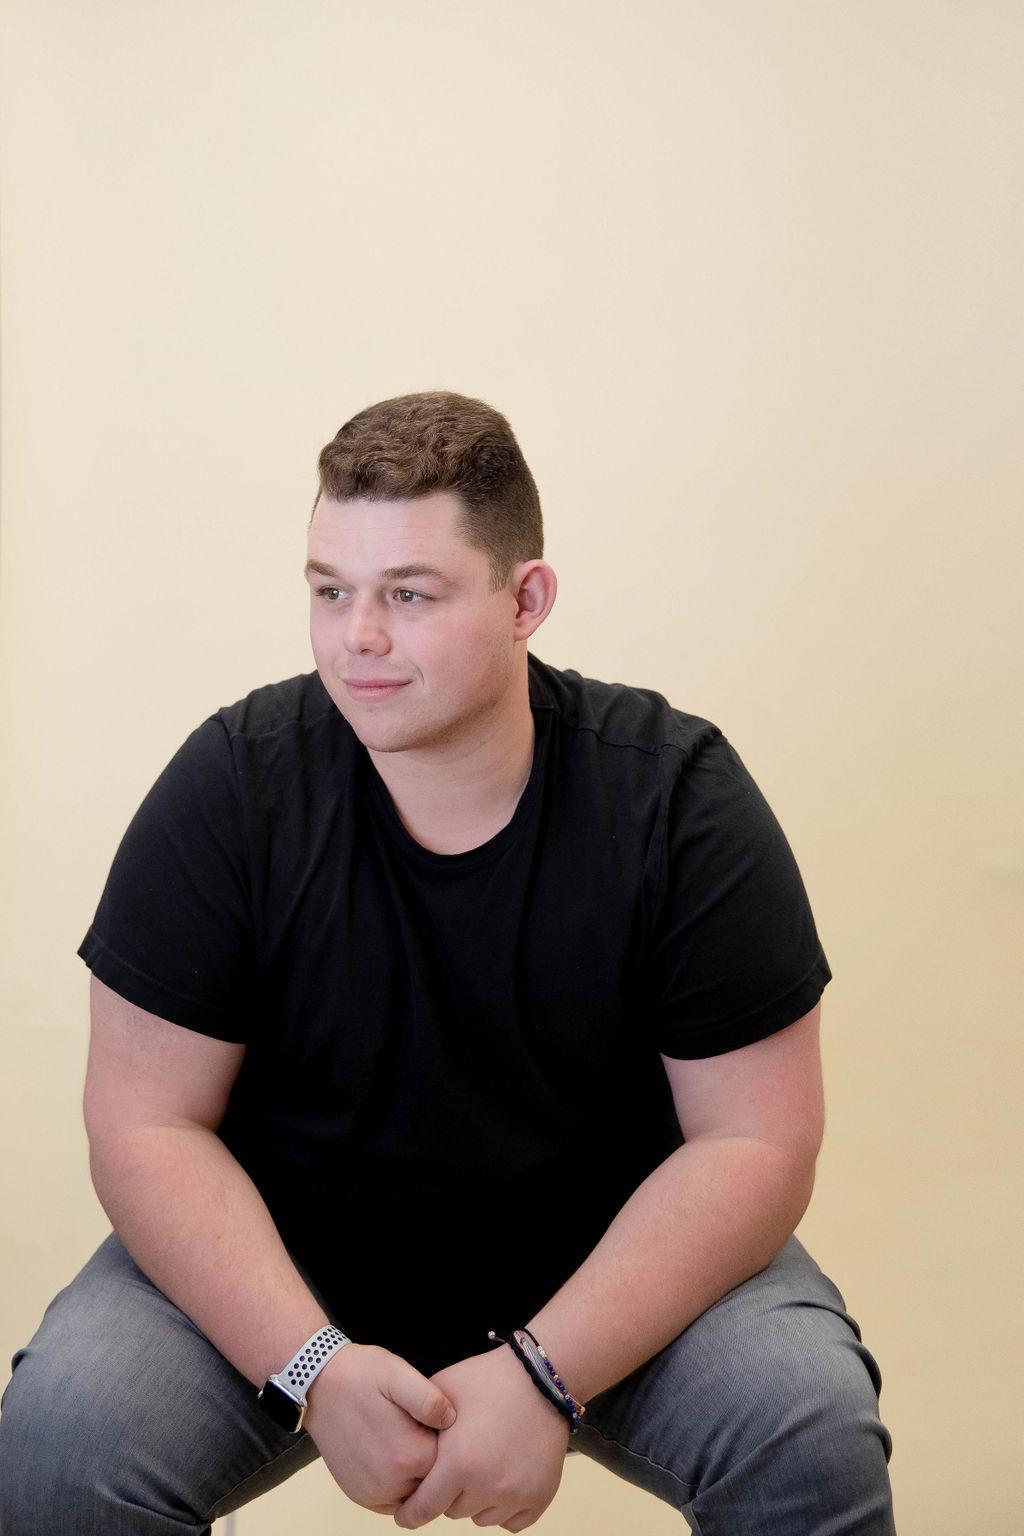 Elijah Schneider